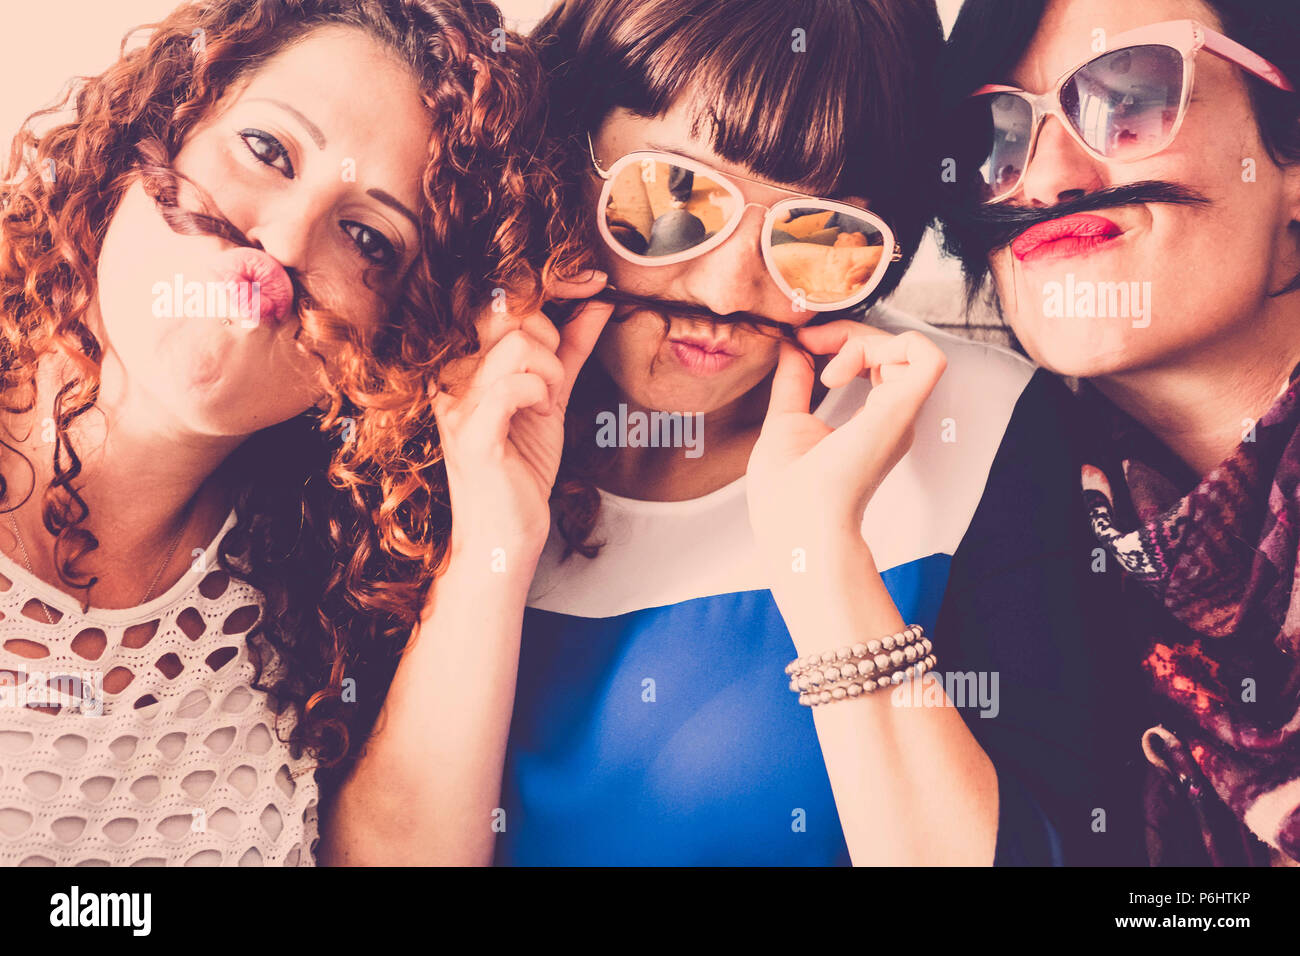 Drei kaukasischen Frauen Freunde bleiben in Freundschaft und Verrücktheit mit Haaren wie Schnurrbart und Glück Beziehung Konzept. vintage Full c Stockbild